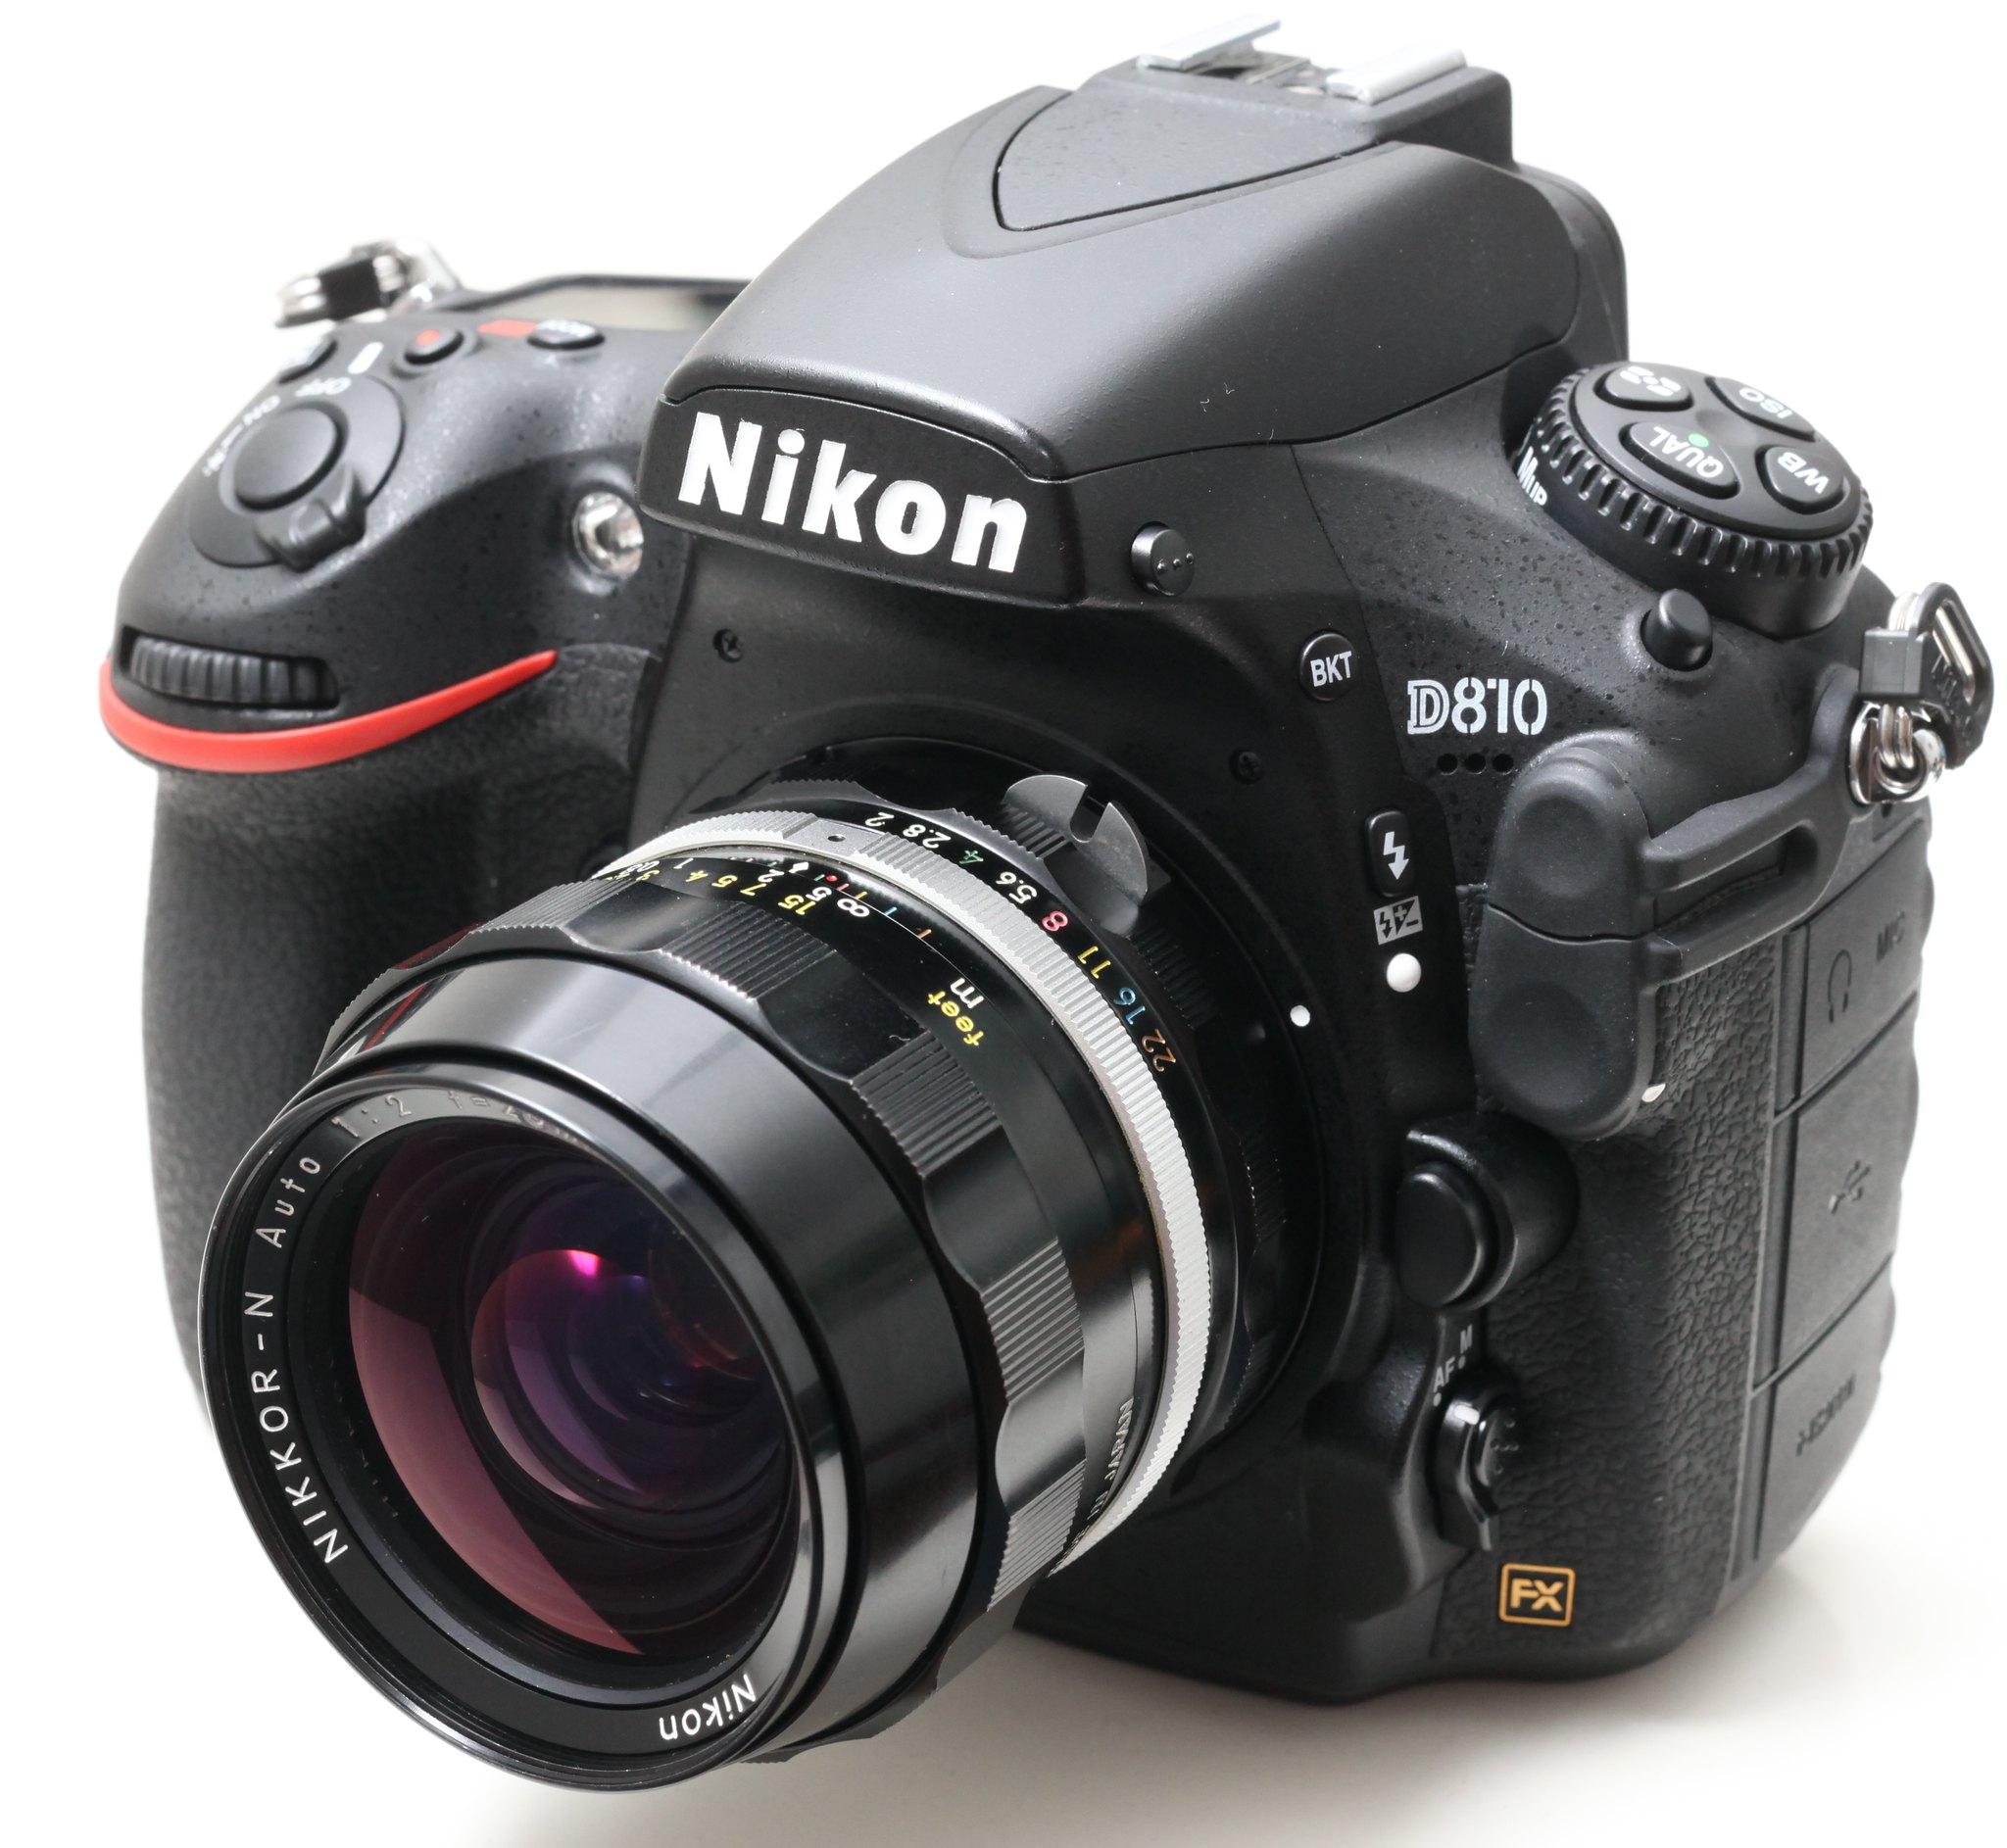 二手鏡頭 香港 . . . Nikon 28mm f/2 Auto N酒吧之眼(non-AI) 超利 油潤  大光圈廣角名鏡  罕有95新